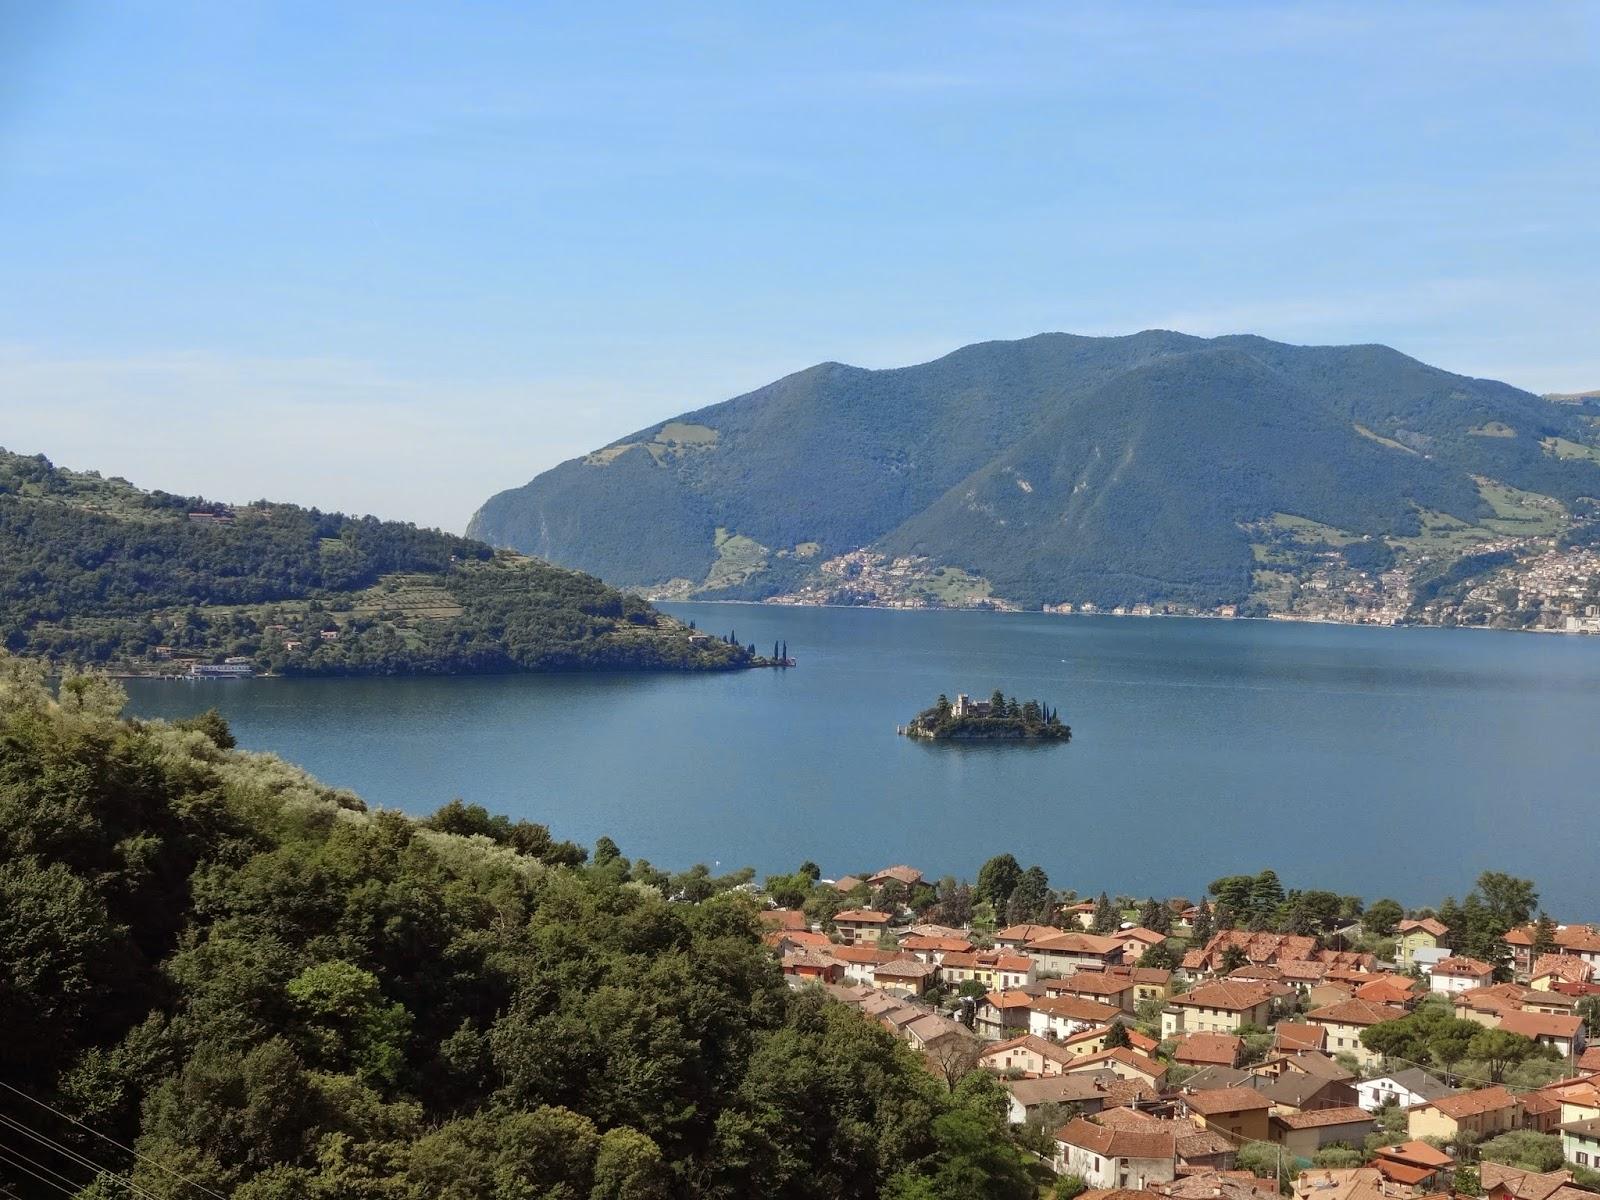 озеро в италии